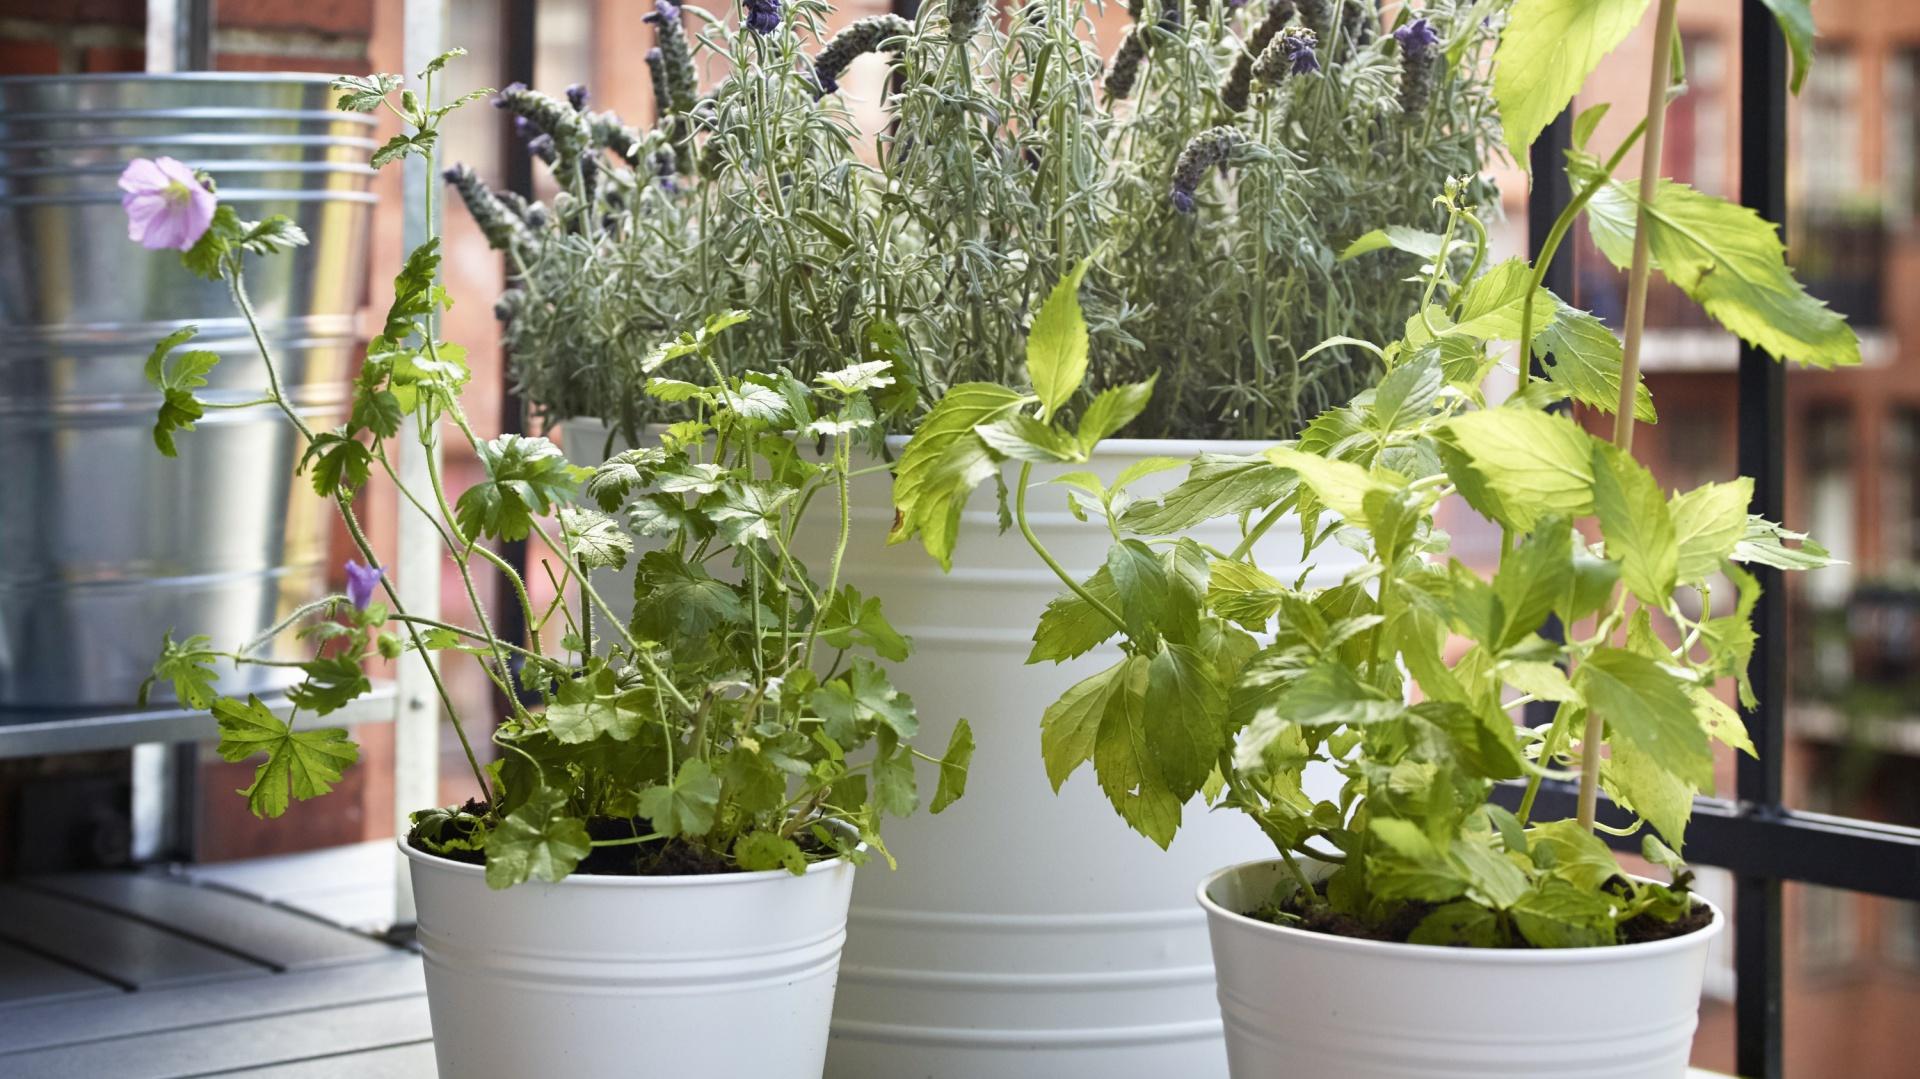 Rośliny We Wnętrzu Pomysłowe Donice I Doniczki